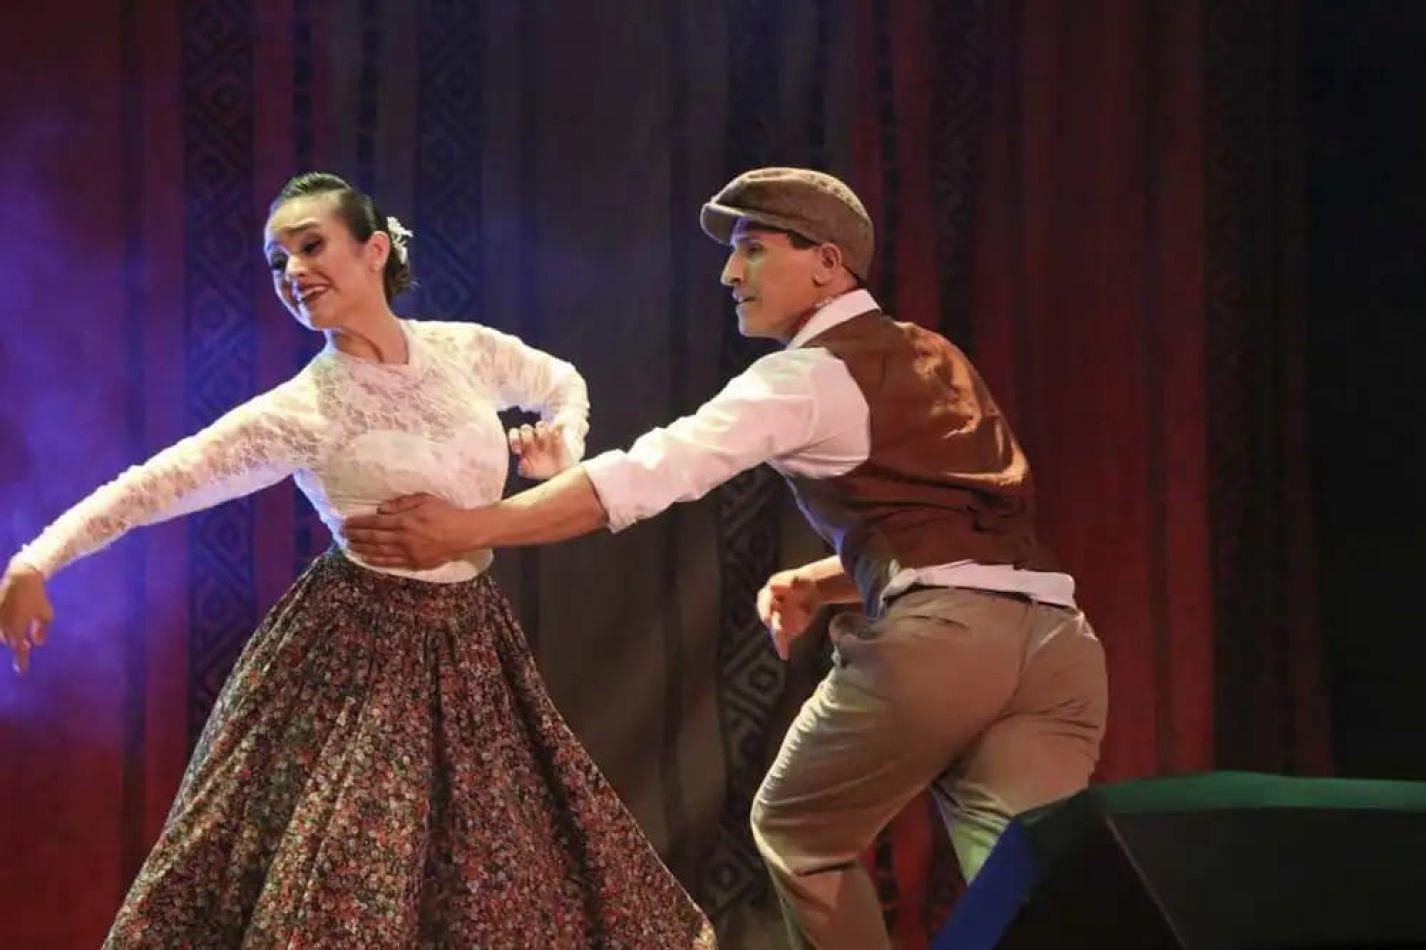 El Municipio acompañará a los artistas que representarán a Río Grande en el Pre Cosquín